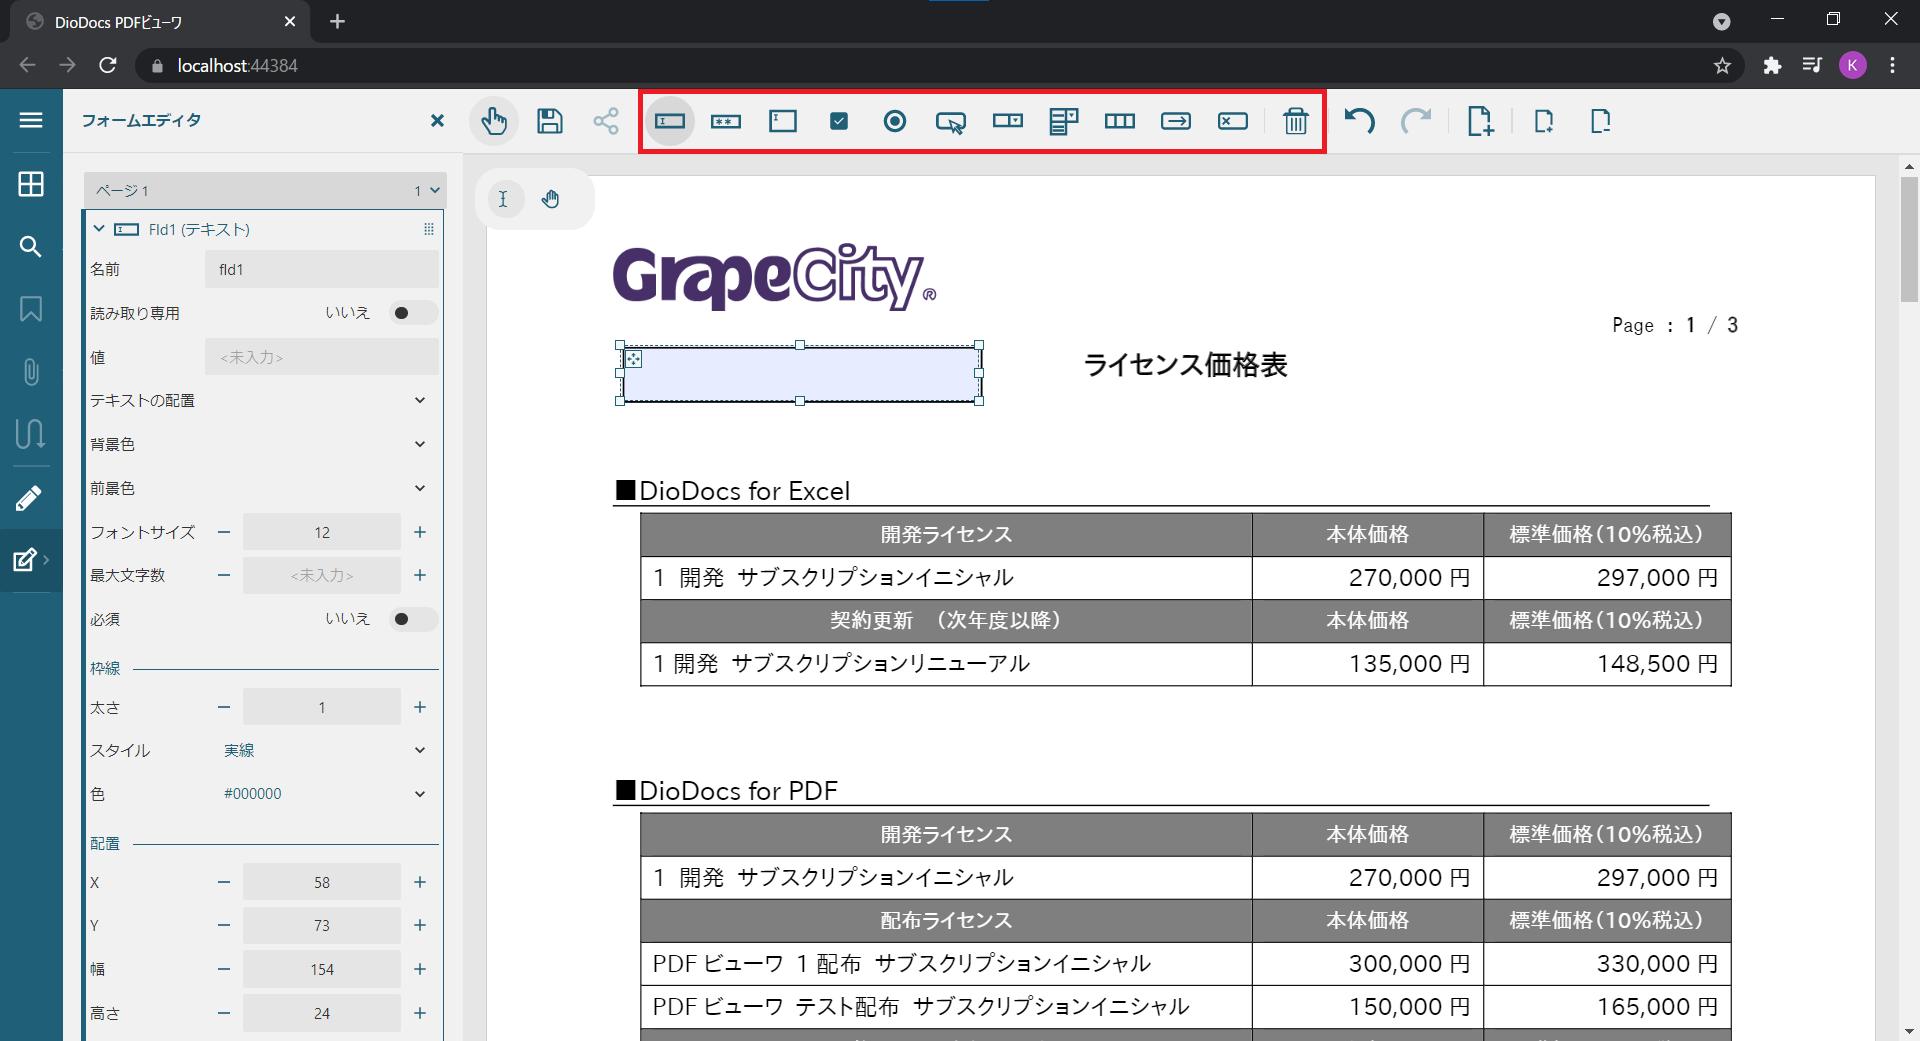 PDFフォームを追加